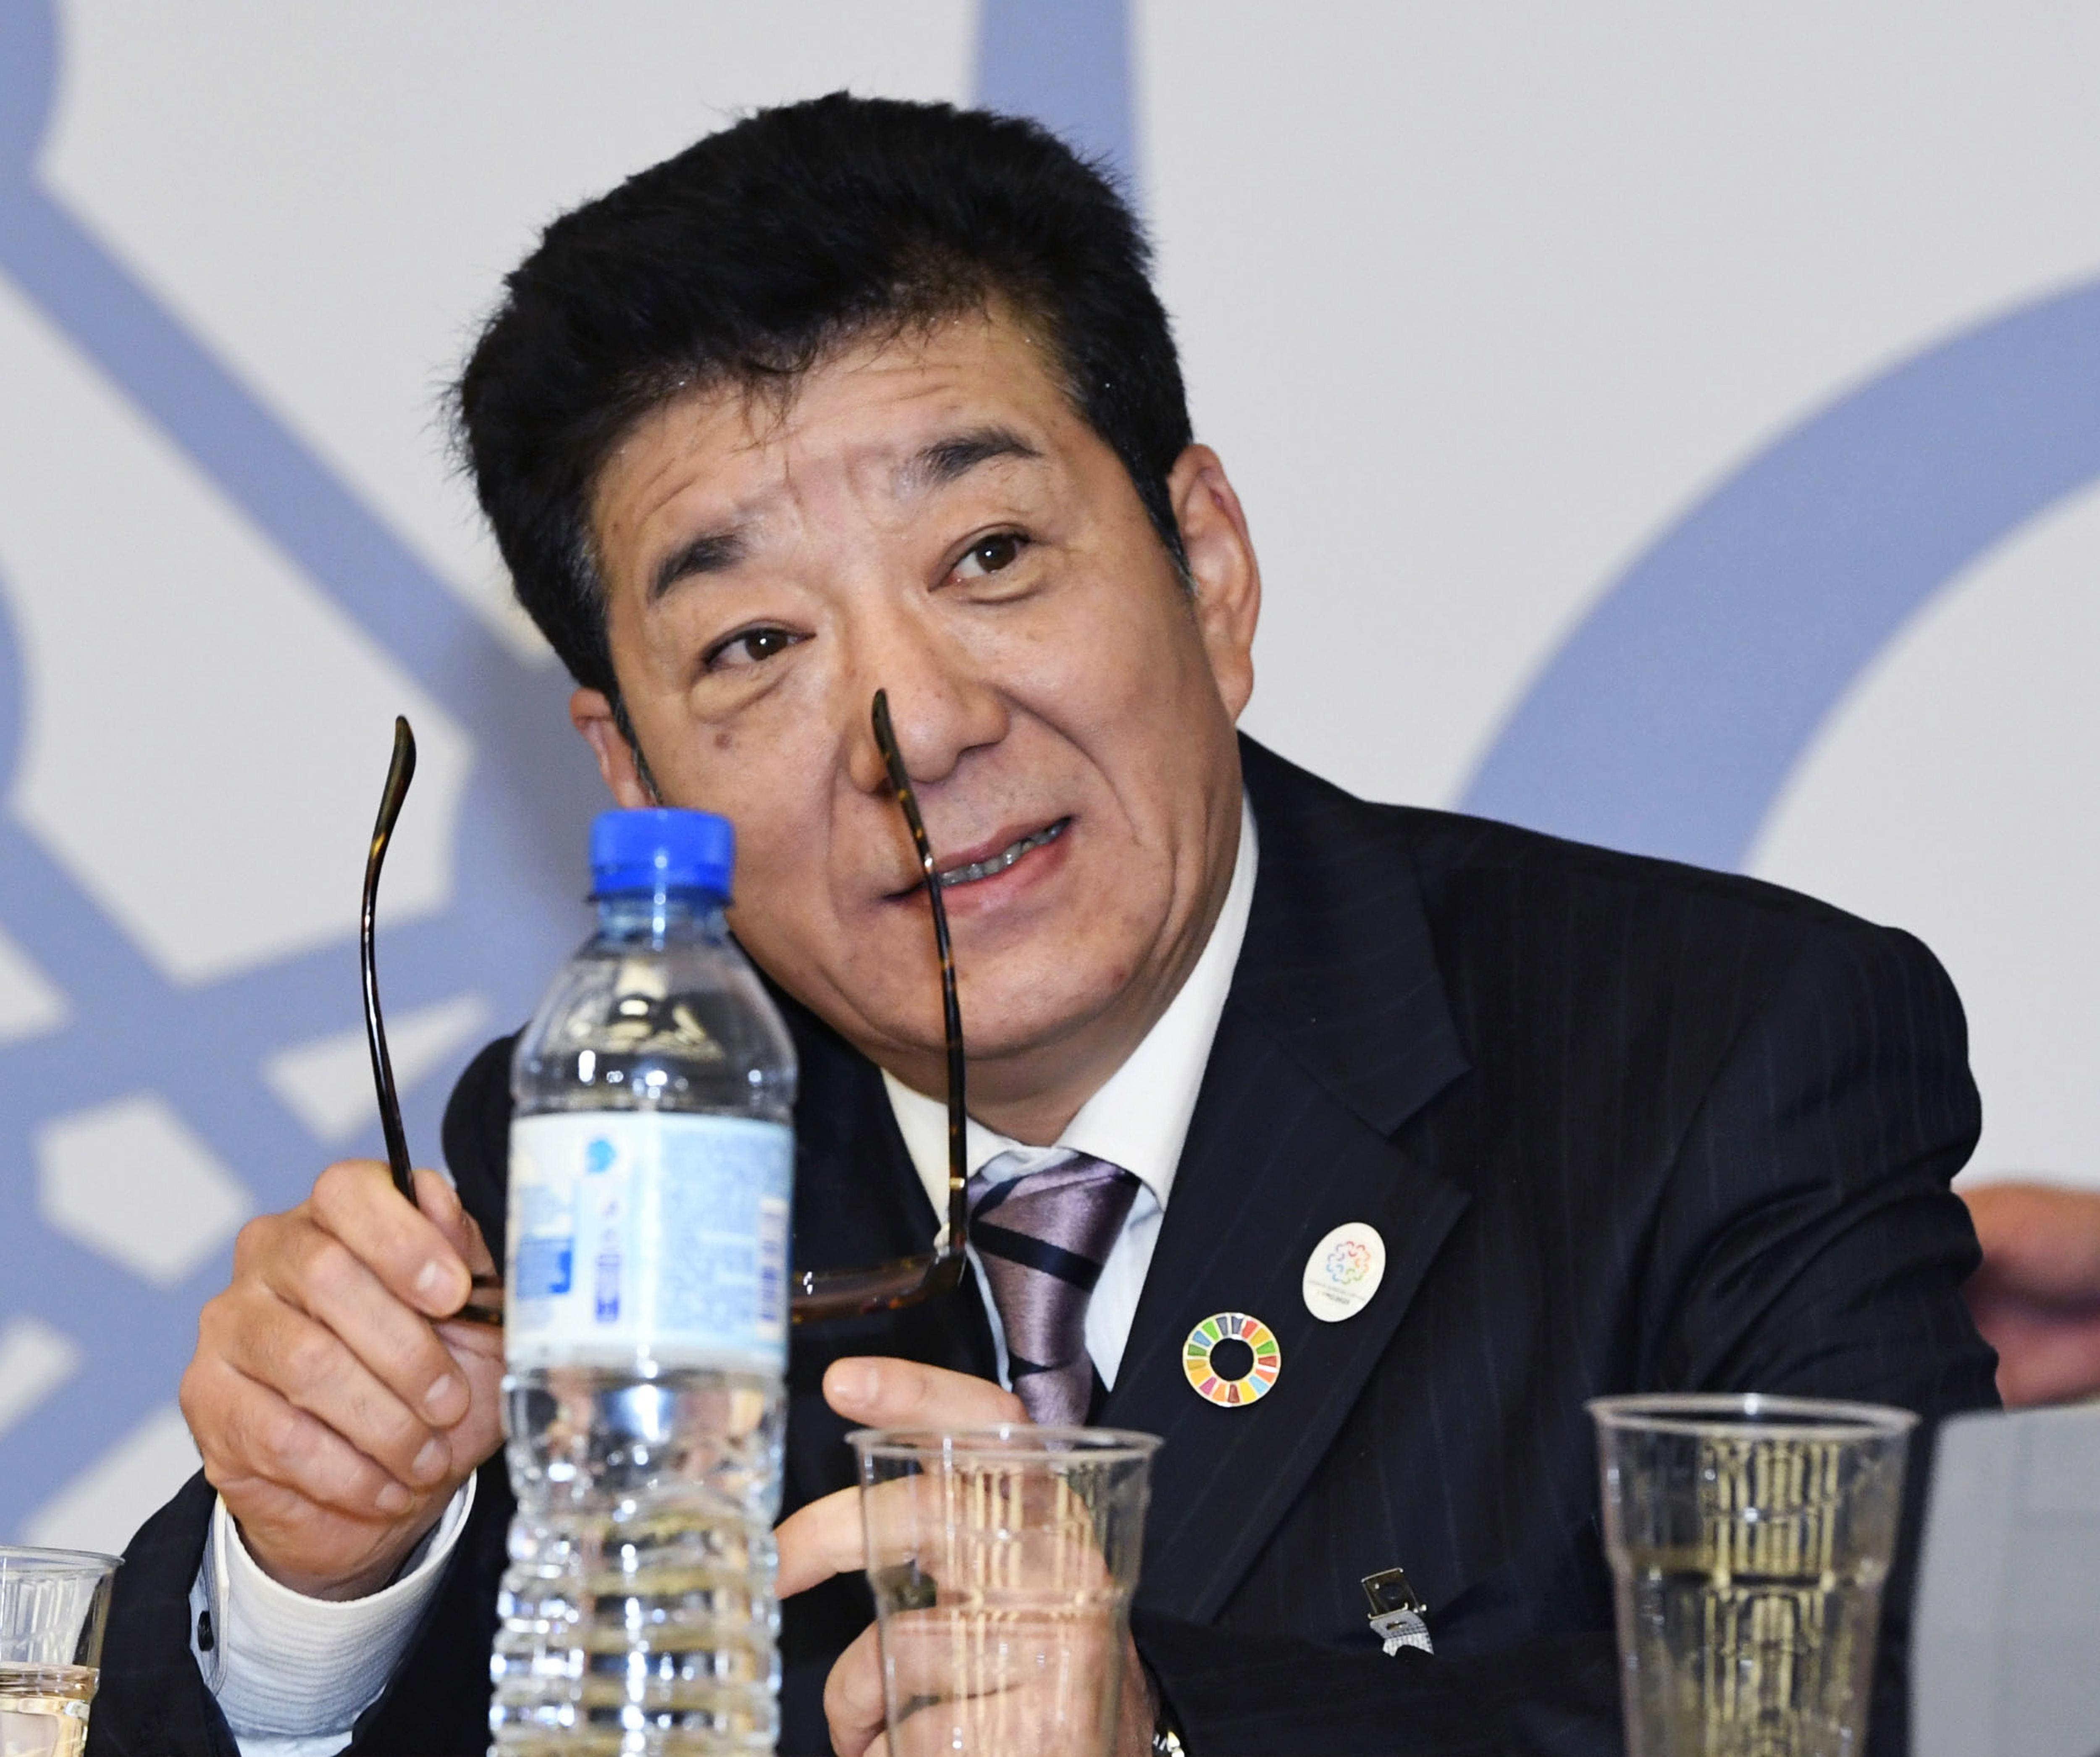 Az oszakai polgármester szerint a sokat tökölő nők helyett most a férfiaknak kéne bevásárolniuk